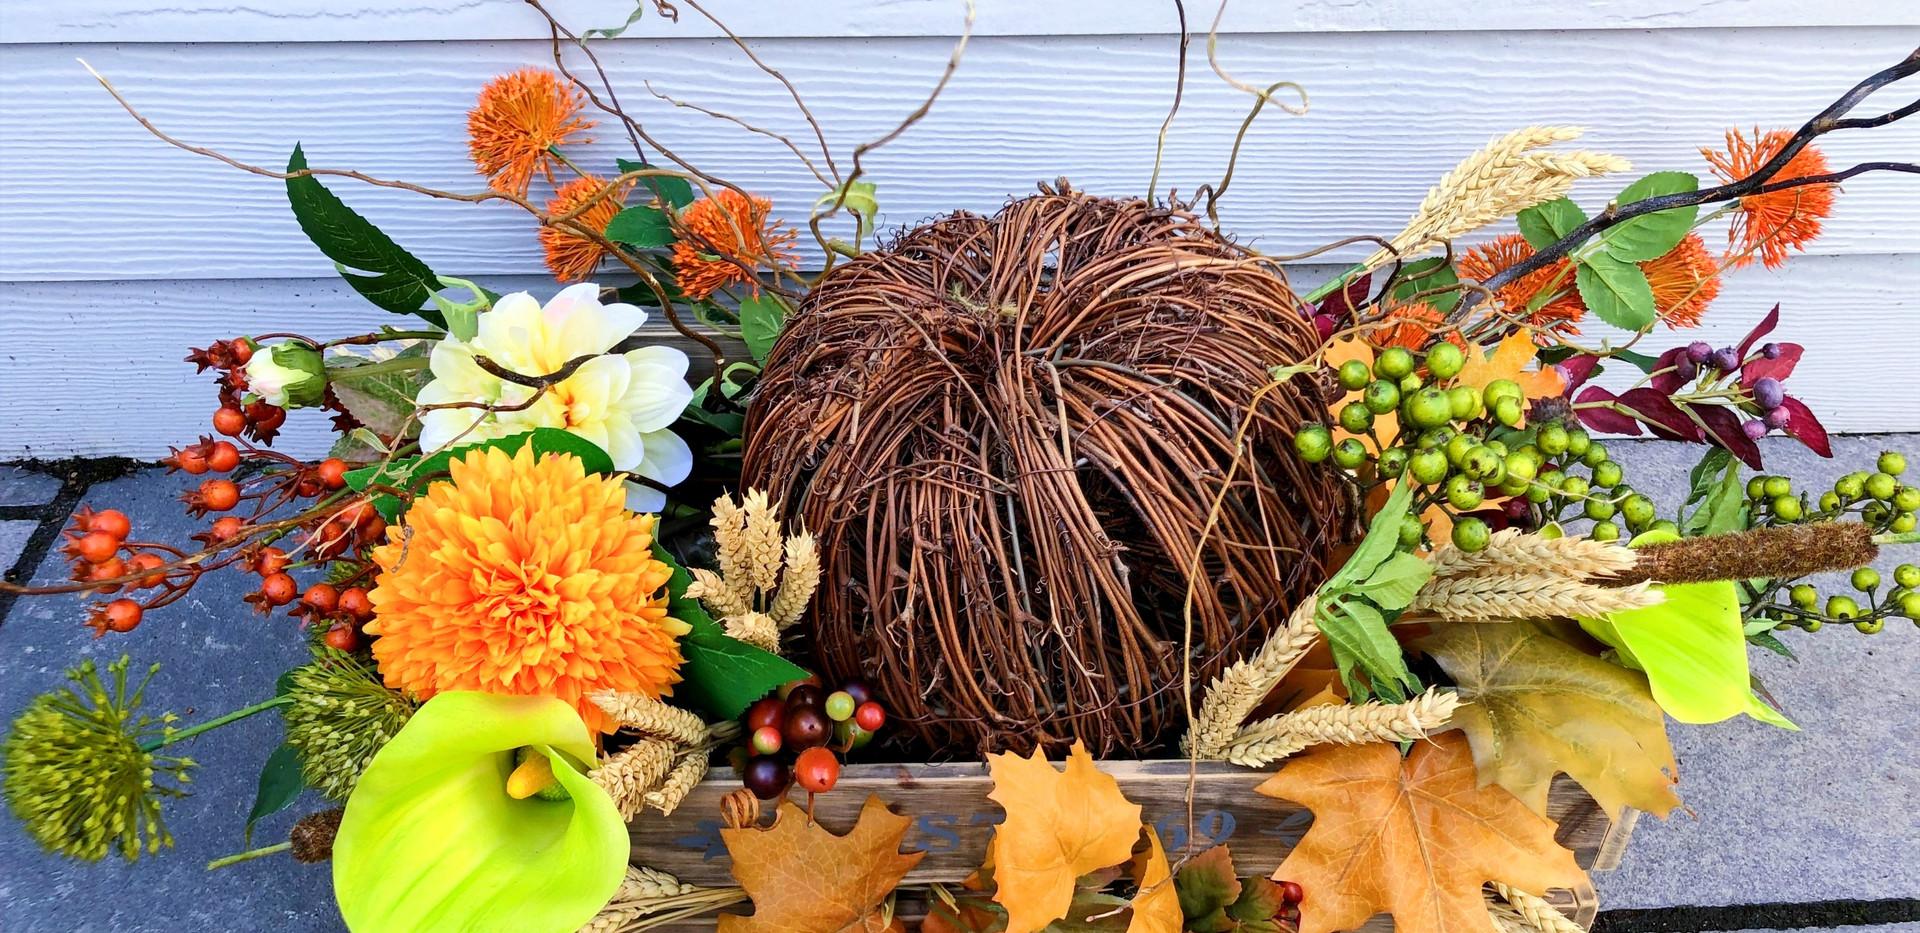 Pumpkins Crate